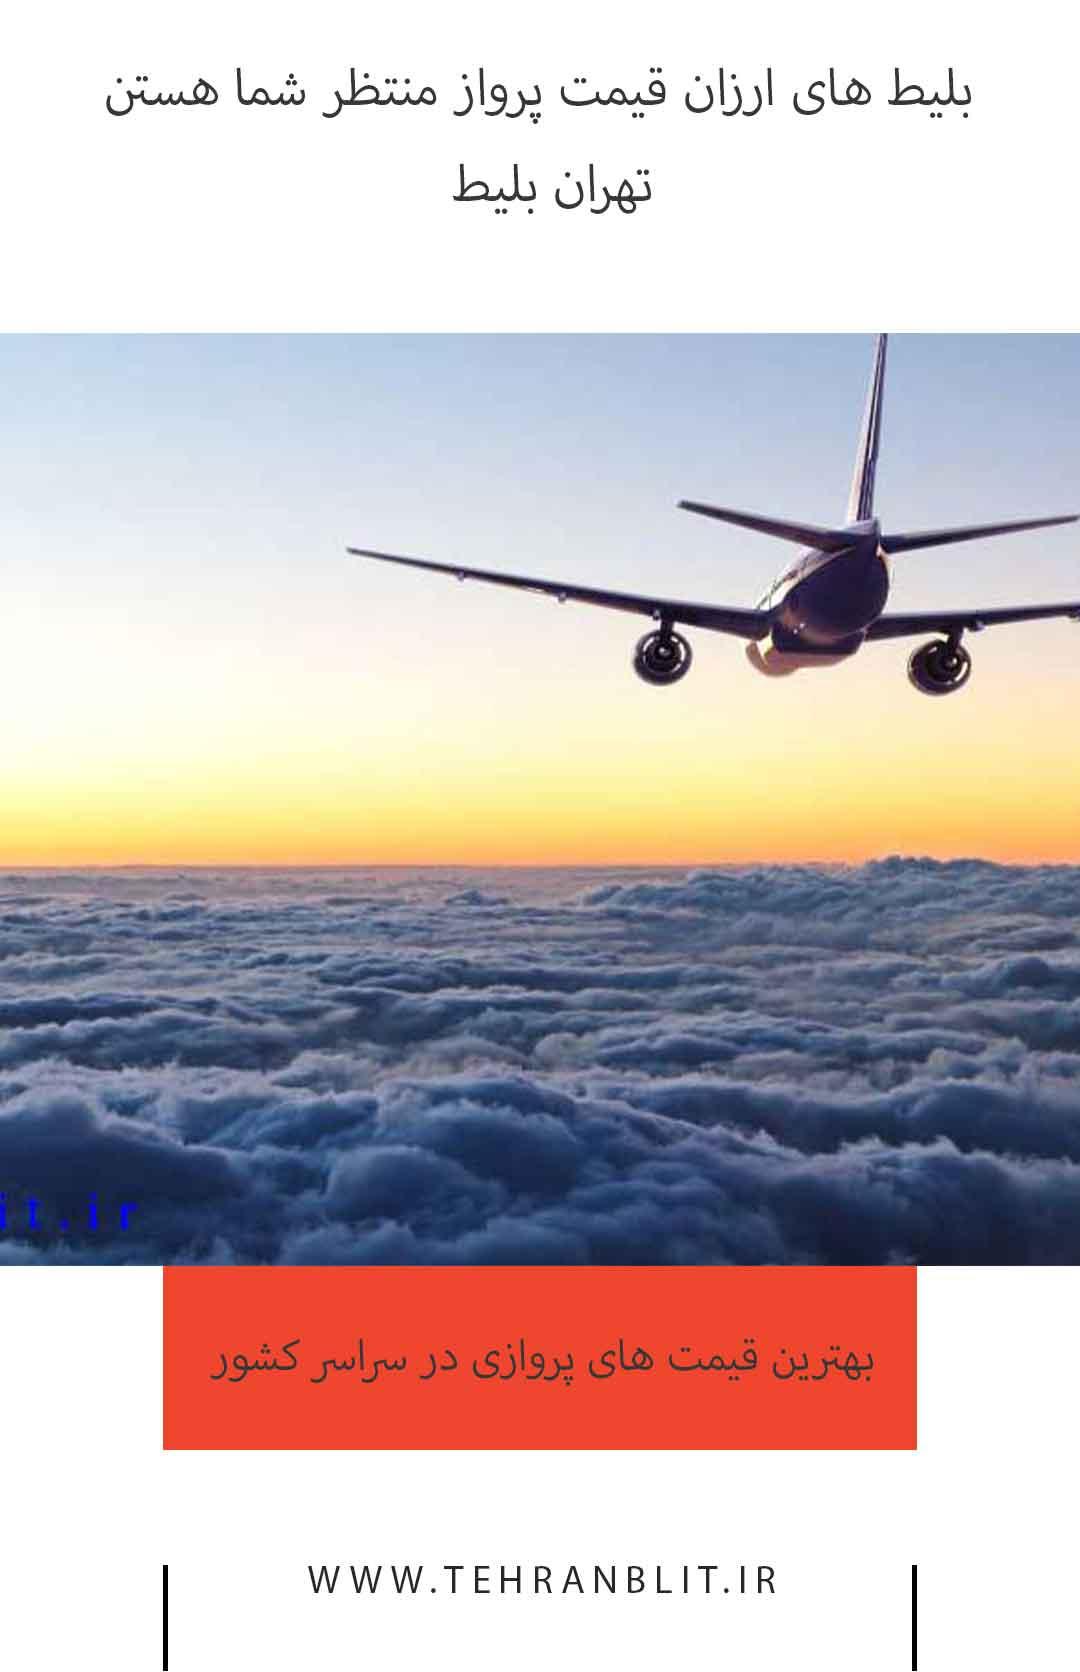 بلیط پرواز اهواز به ساری